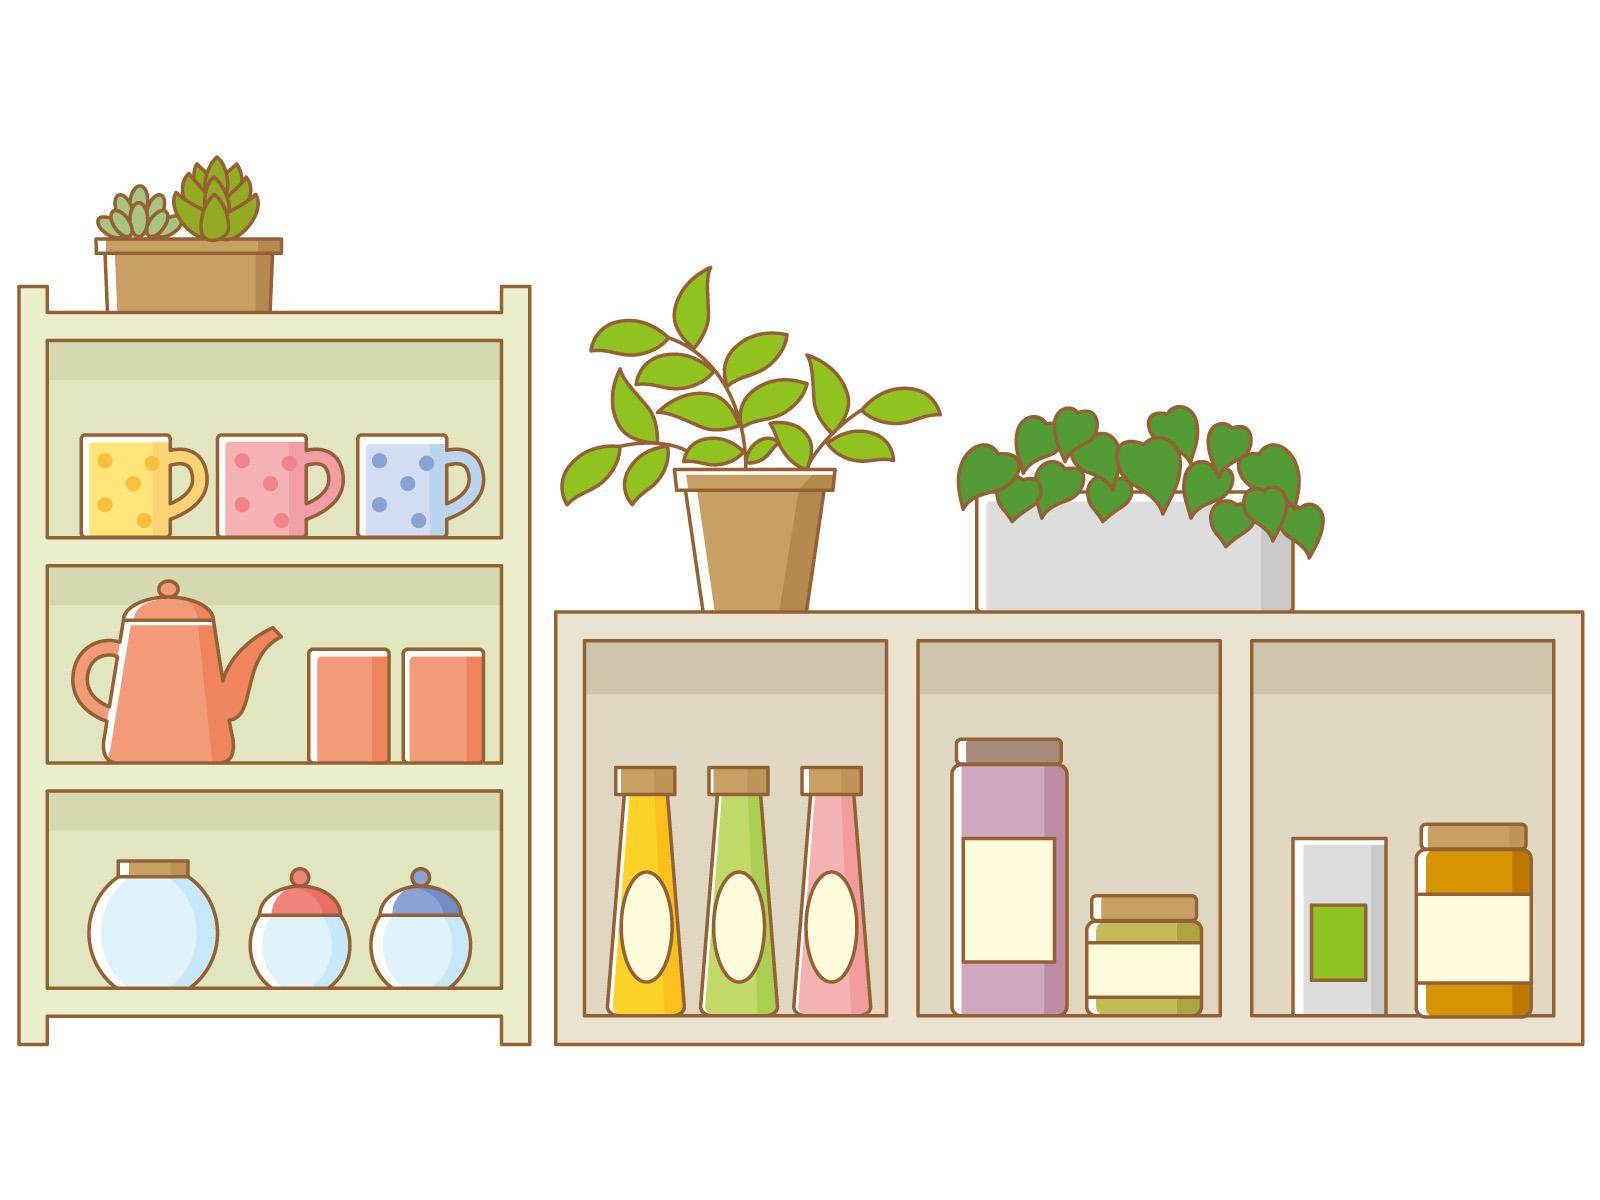 収納家具を買う前に要チェック!損しないための収納の考え方